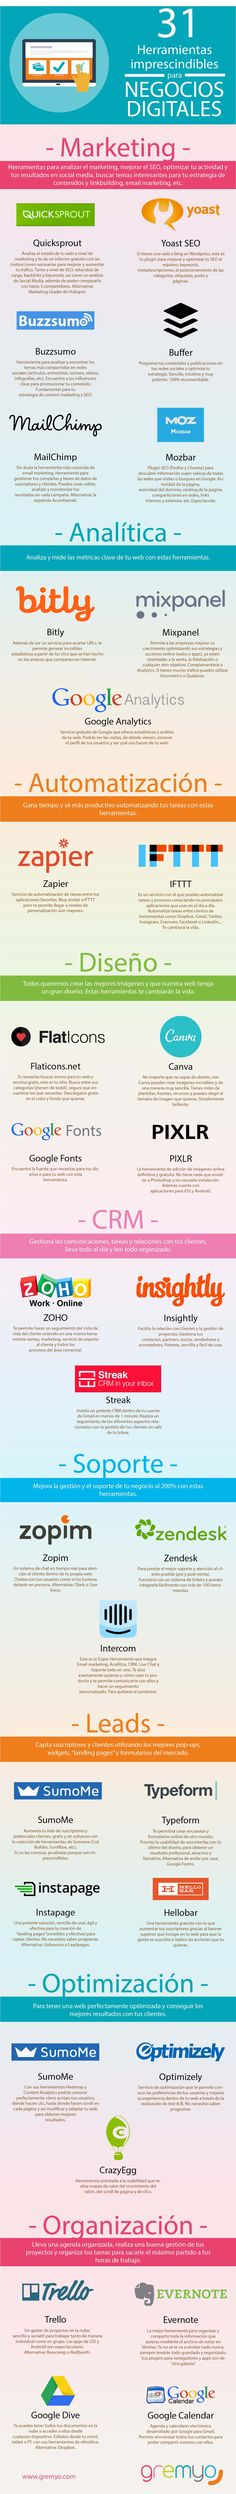 31 Herramientas Imprescindibles para Negocios Digitales #startup #emprender #online